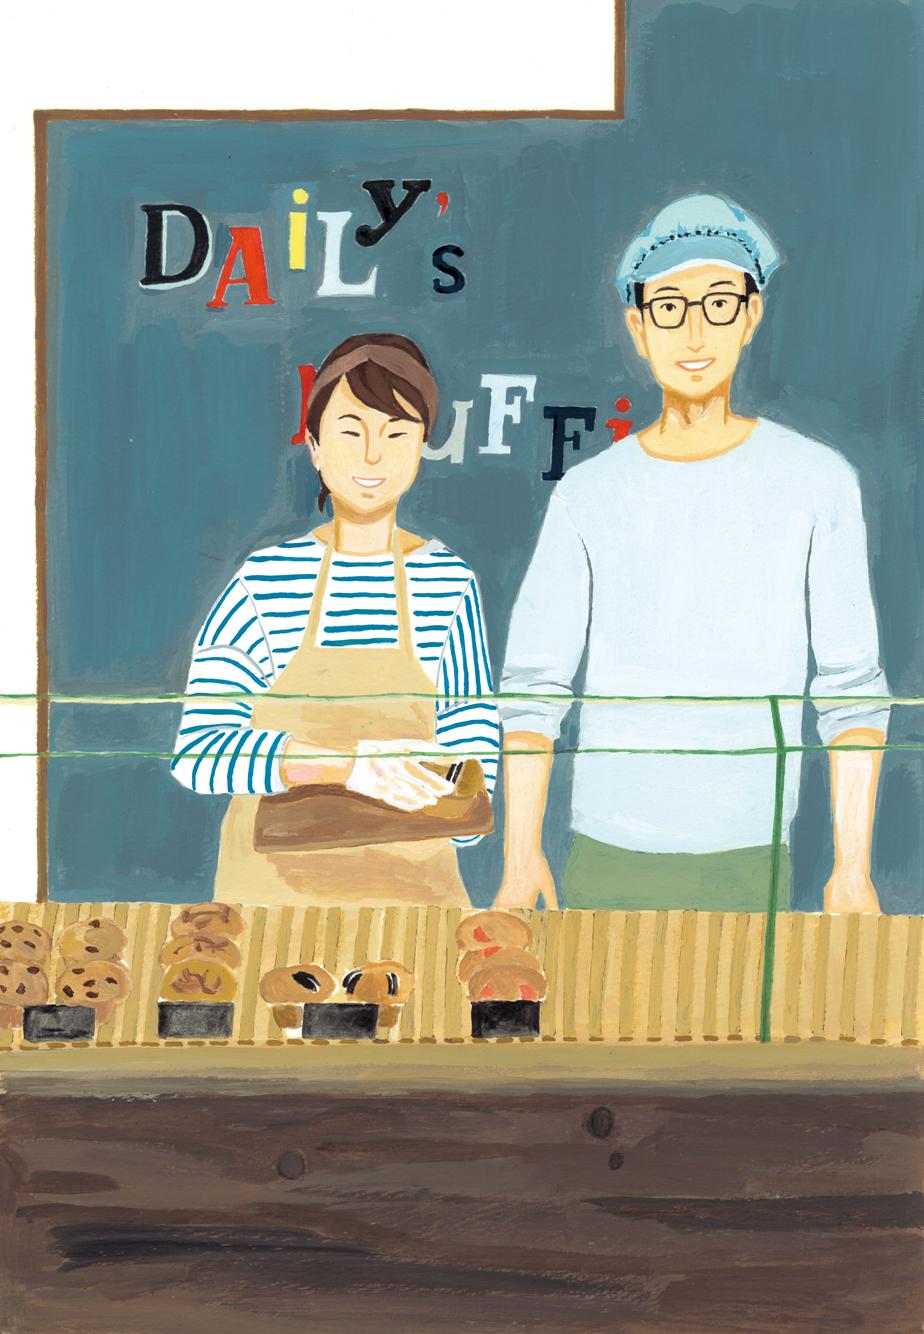 デイリーズマフィン 古谷さん夫婦(東京都/蔵前)